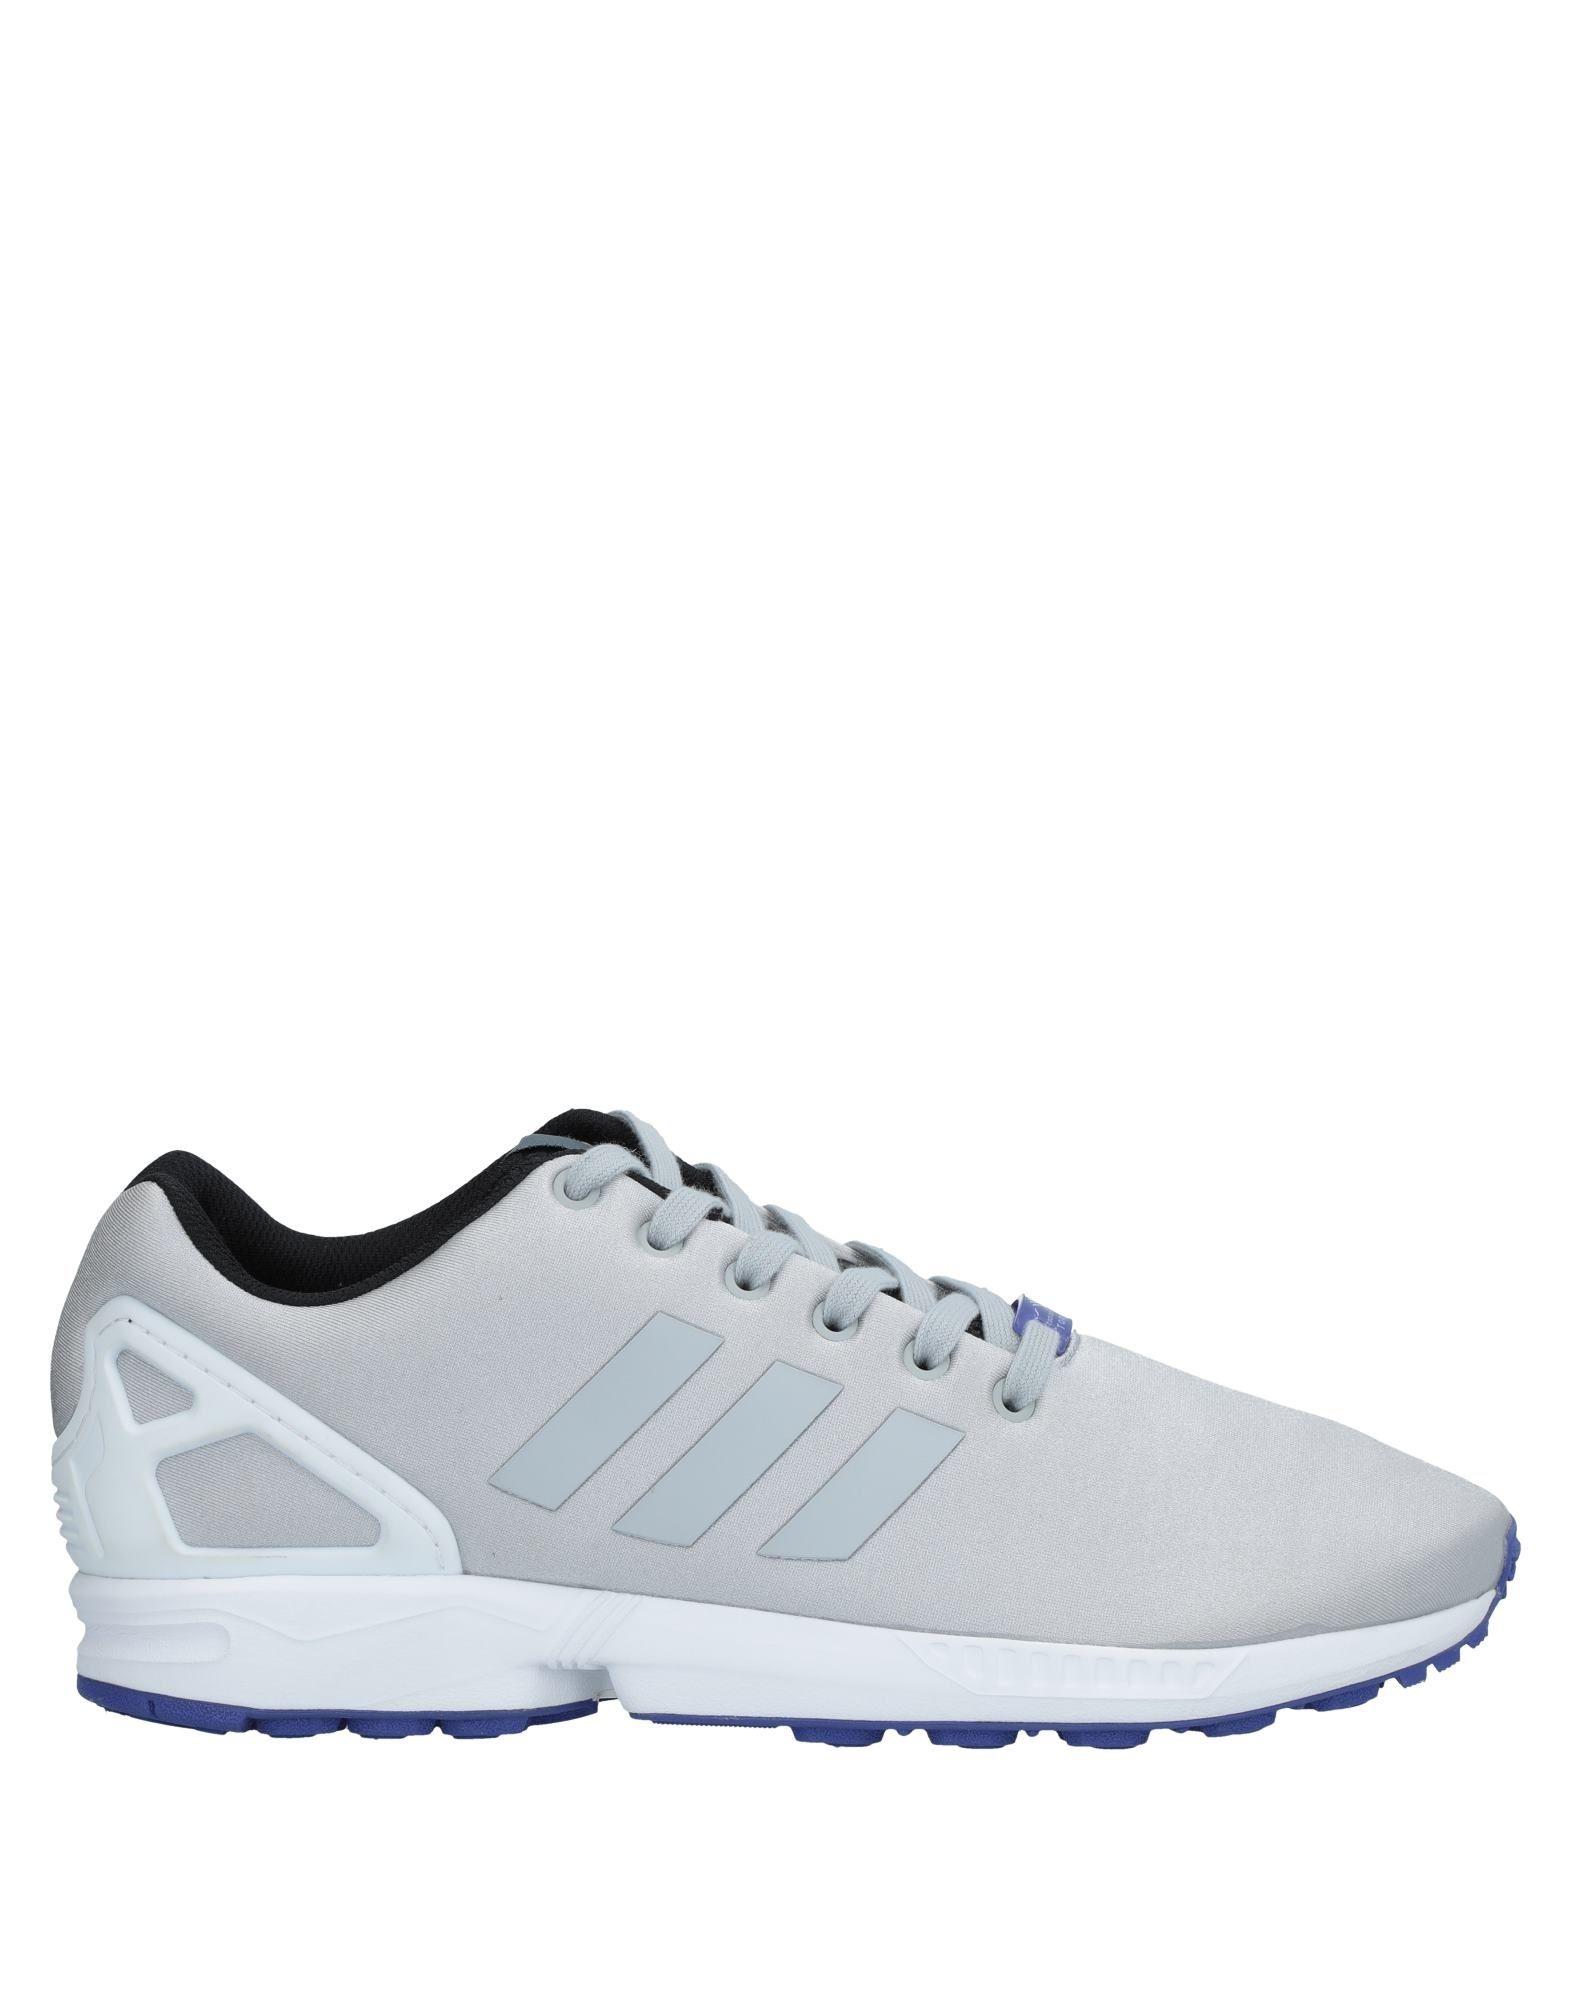 Rabatt echte Schuhe Adidas Originals Sneakers Herren  11535865WJ